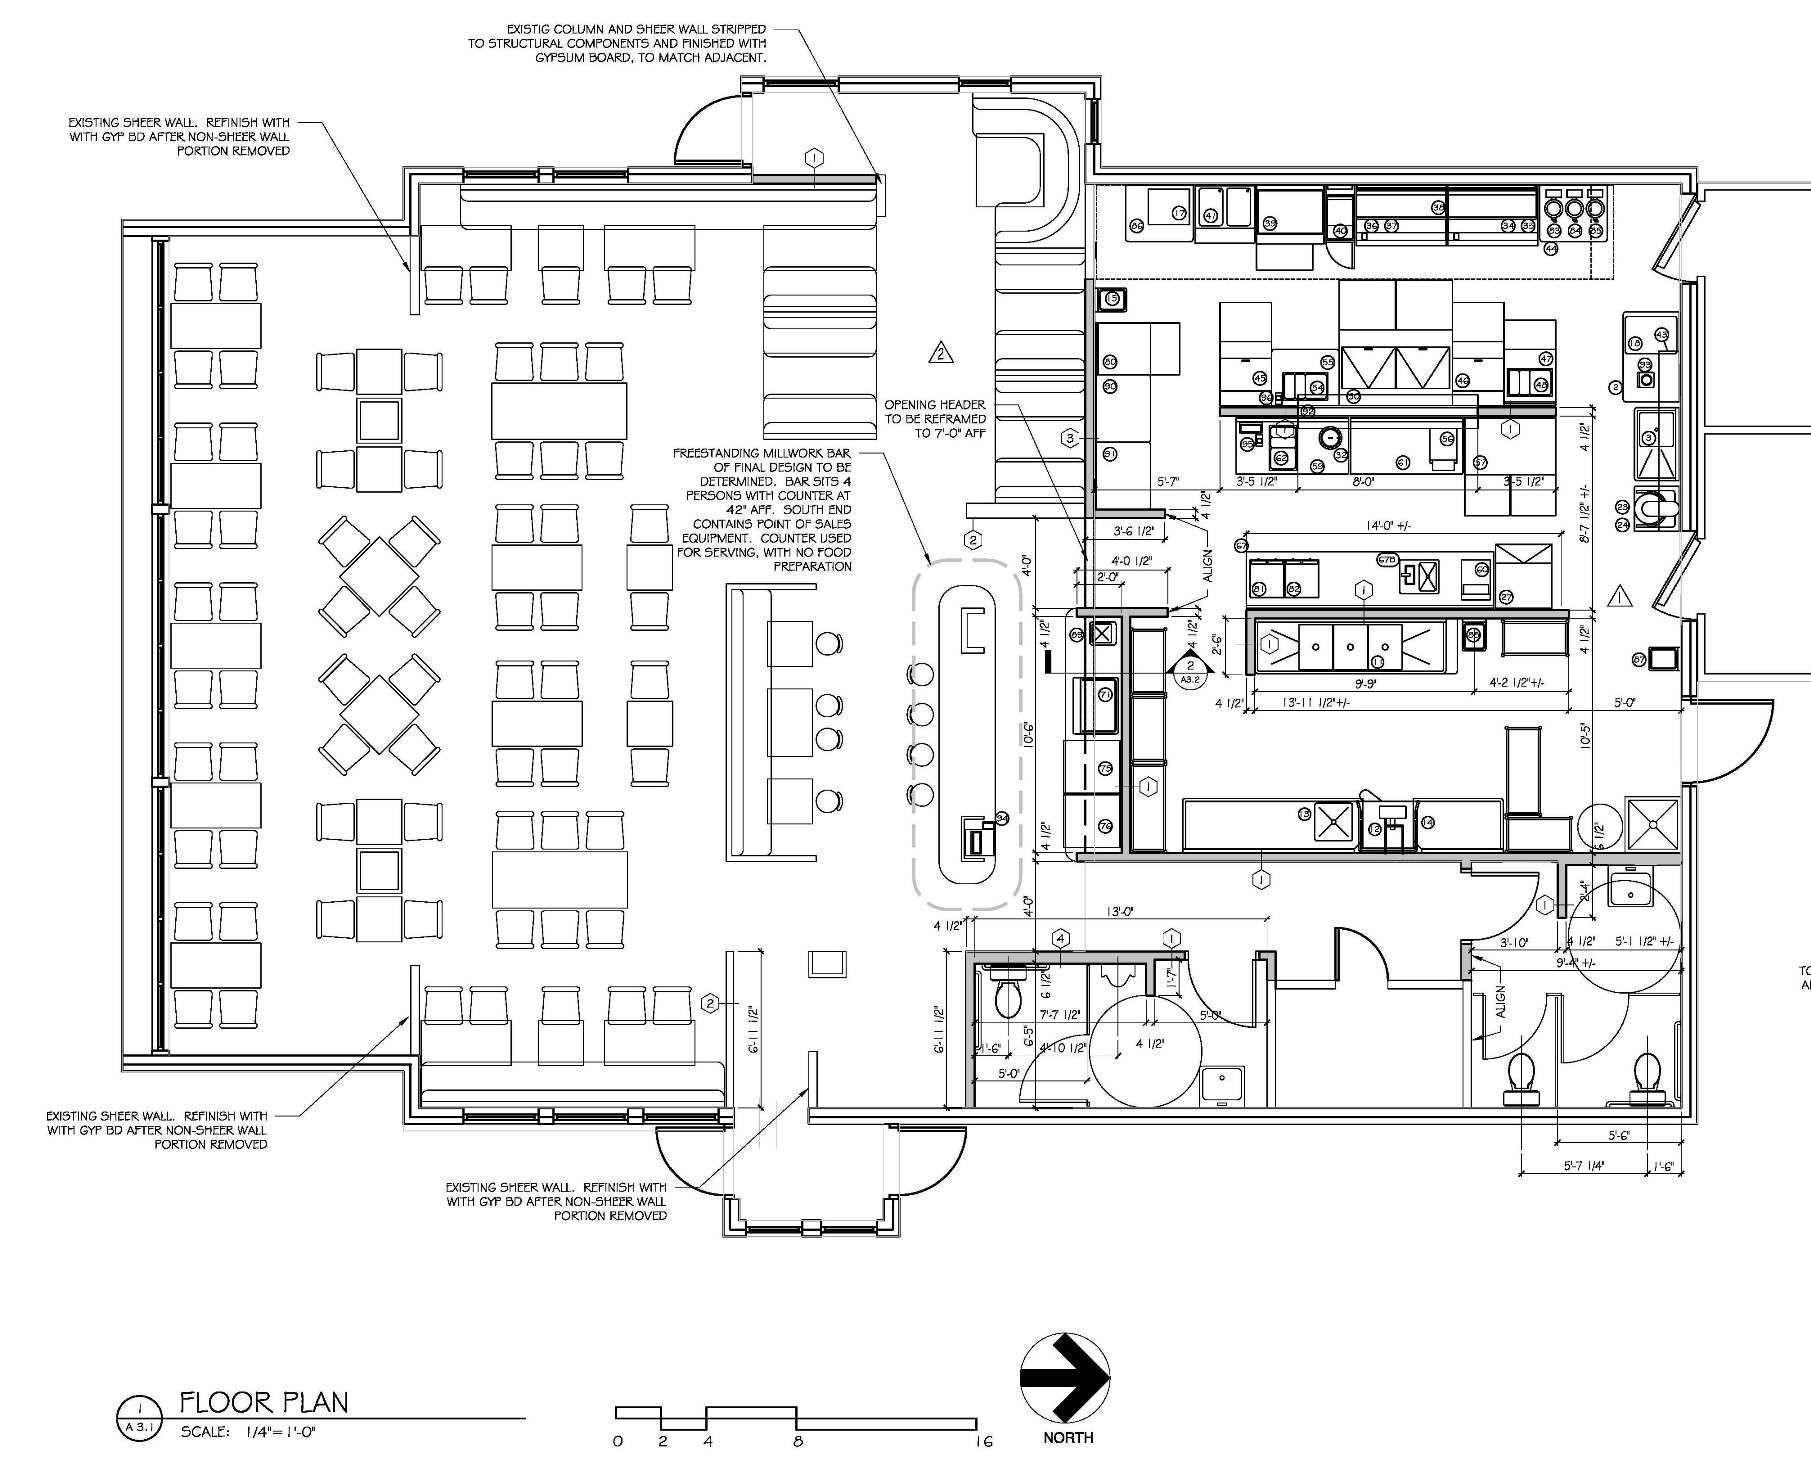 Restaurant Kitchen Layout Dimensions Design Home Design